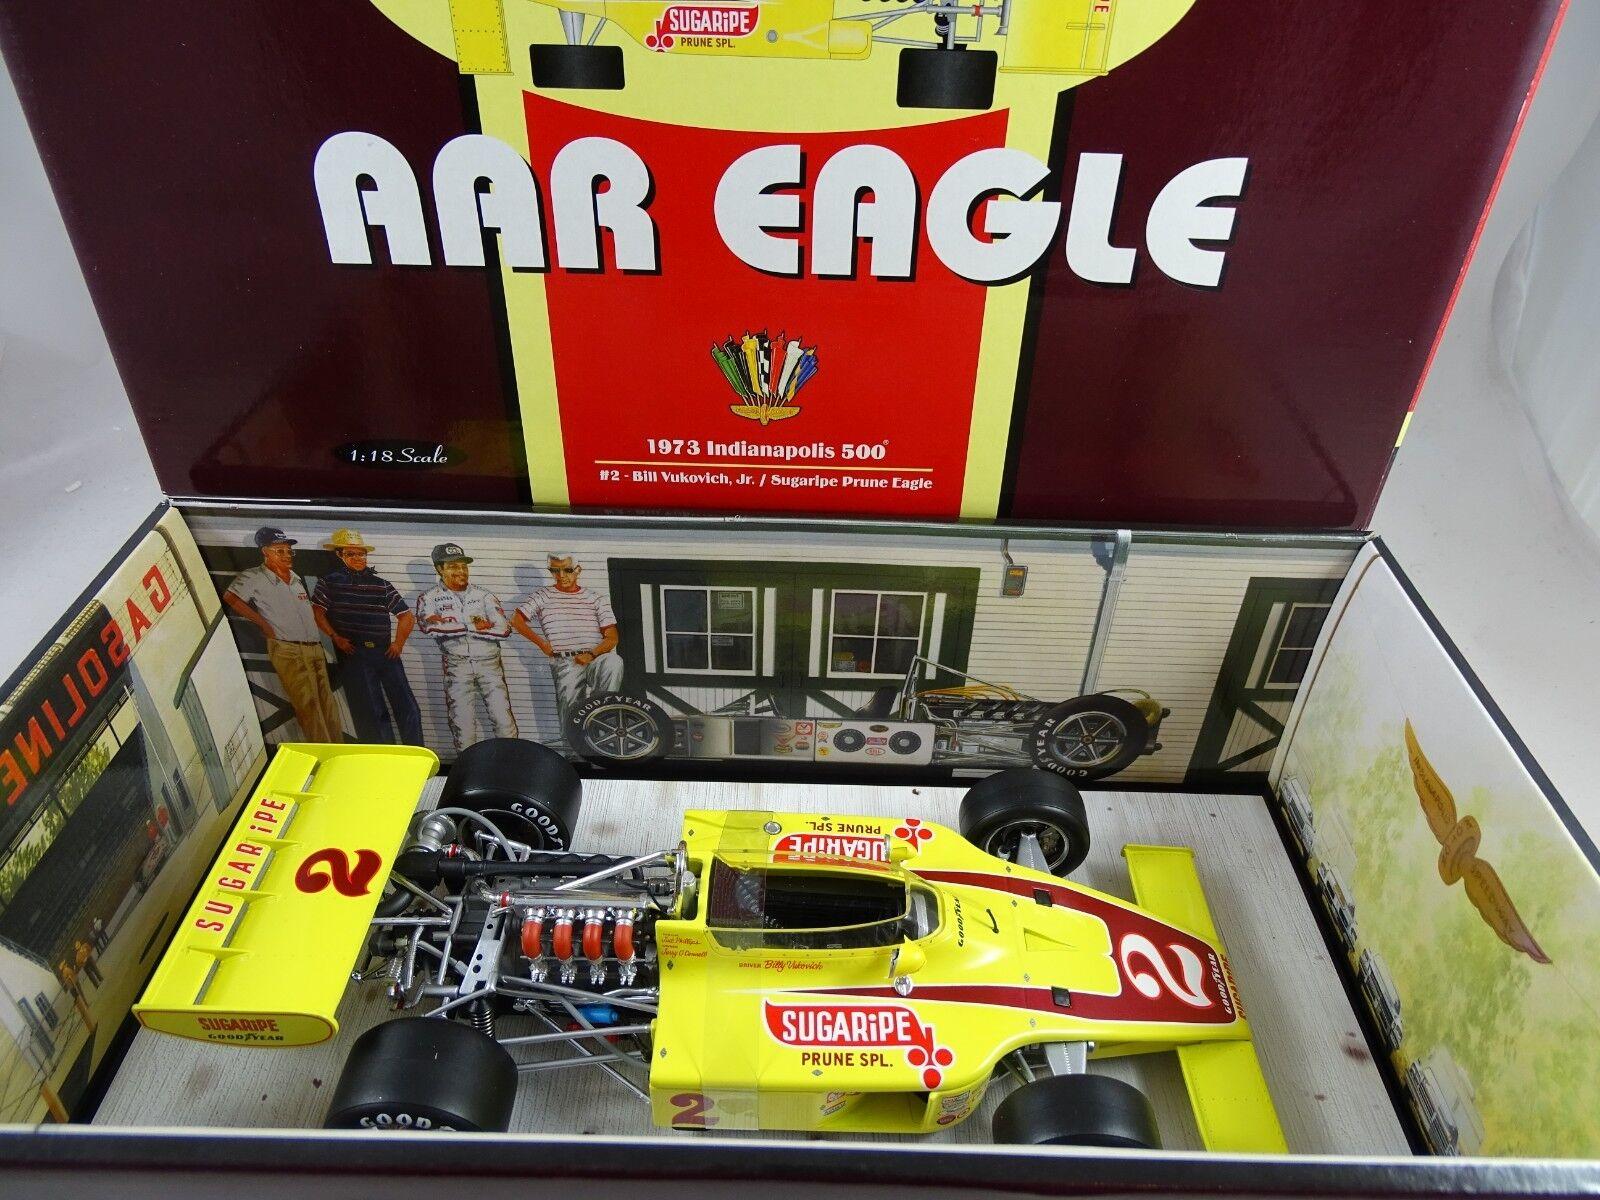 1 18 Carousel  4702 Aar Eagle 1973 Indianapolis 500  2 Rarità §